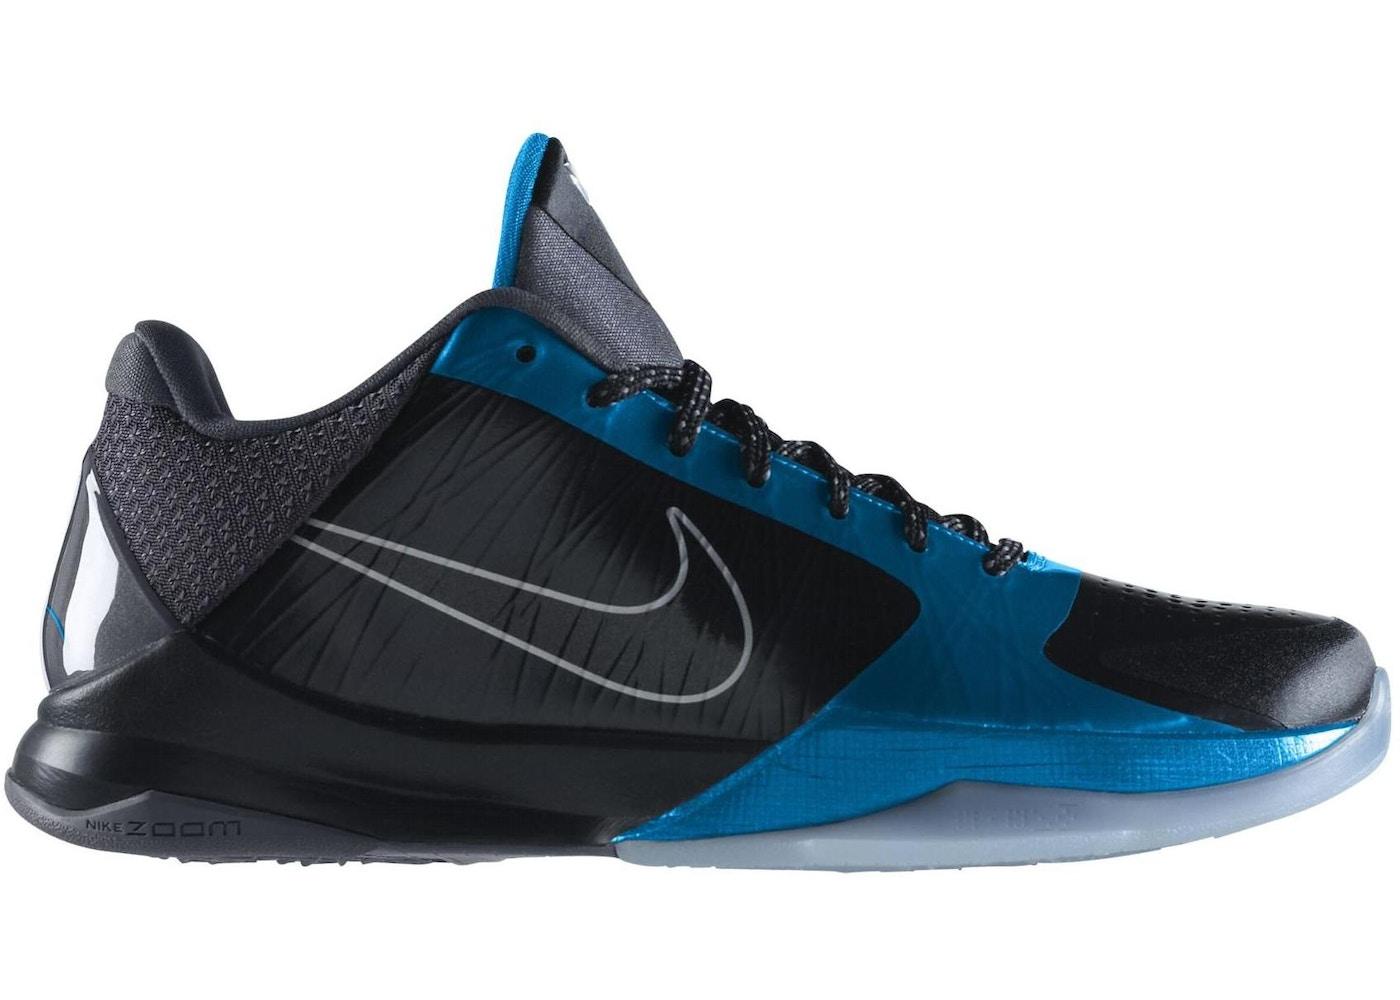 bas prix f46d1 0775d Buy Nike Kobe 5 Shoes & Deadstock Sneakers